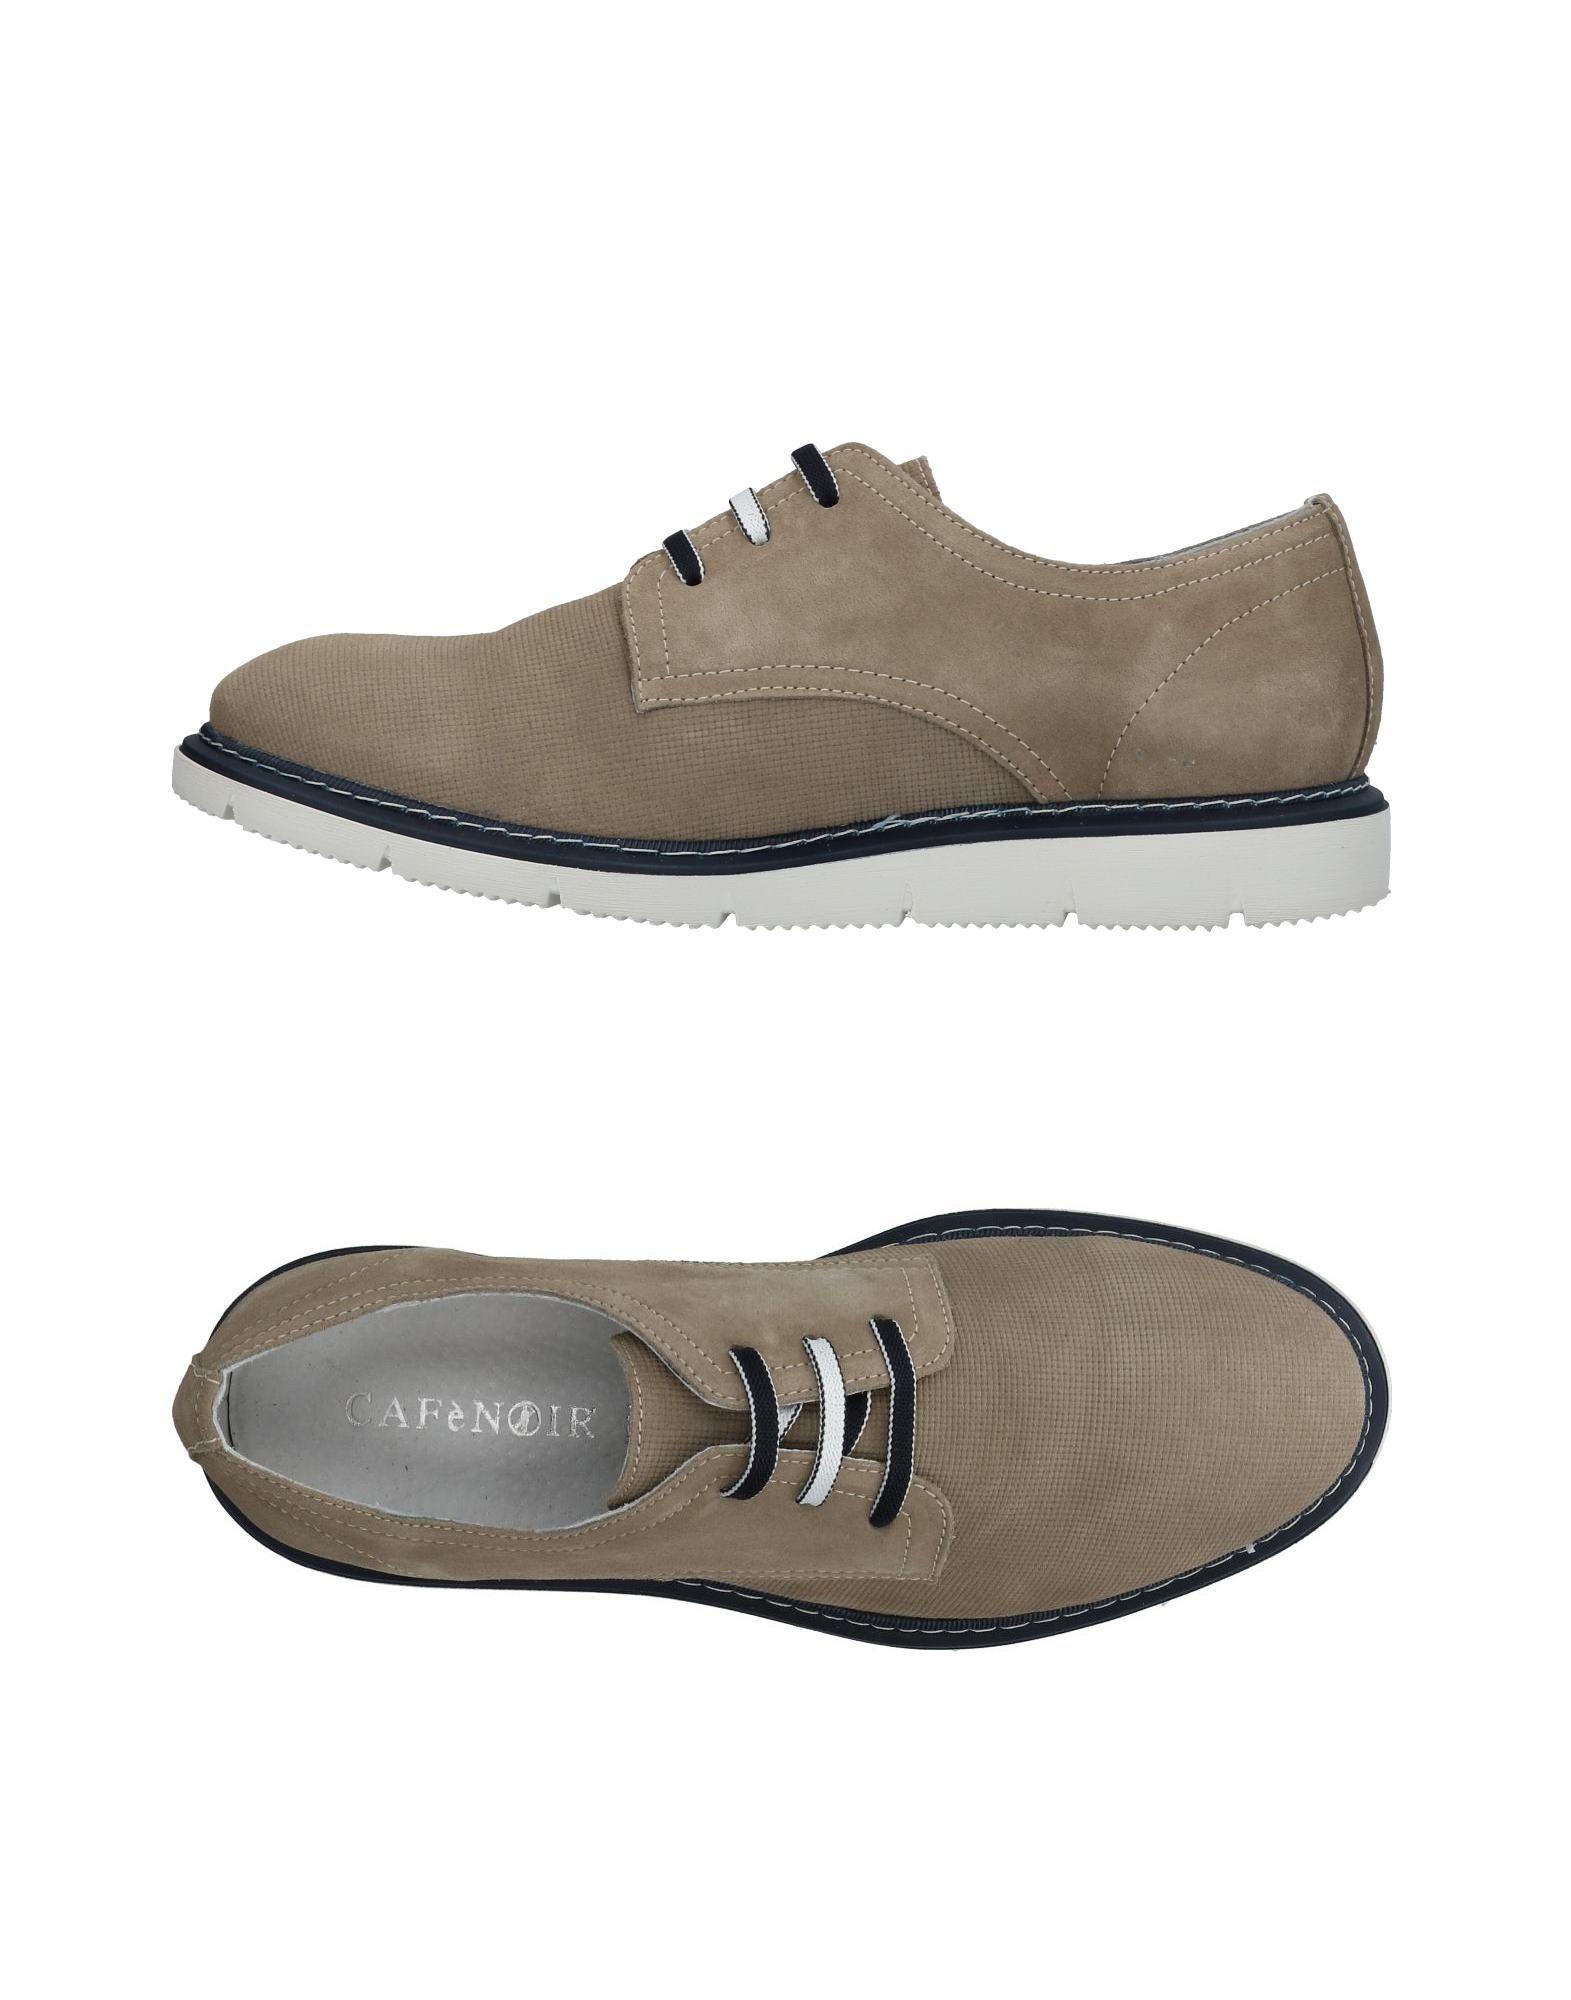 Cafènoir Schnürschuhe Herren  11449006KO Heiße Schuhe